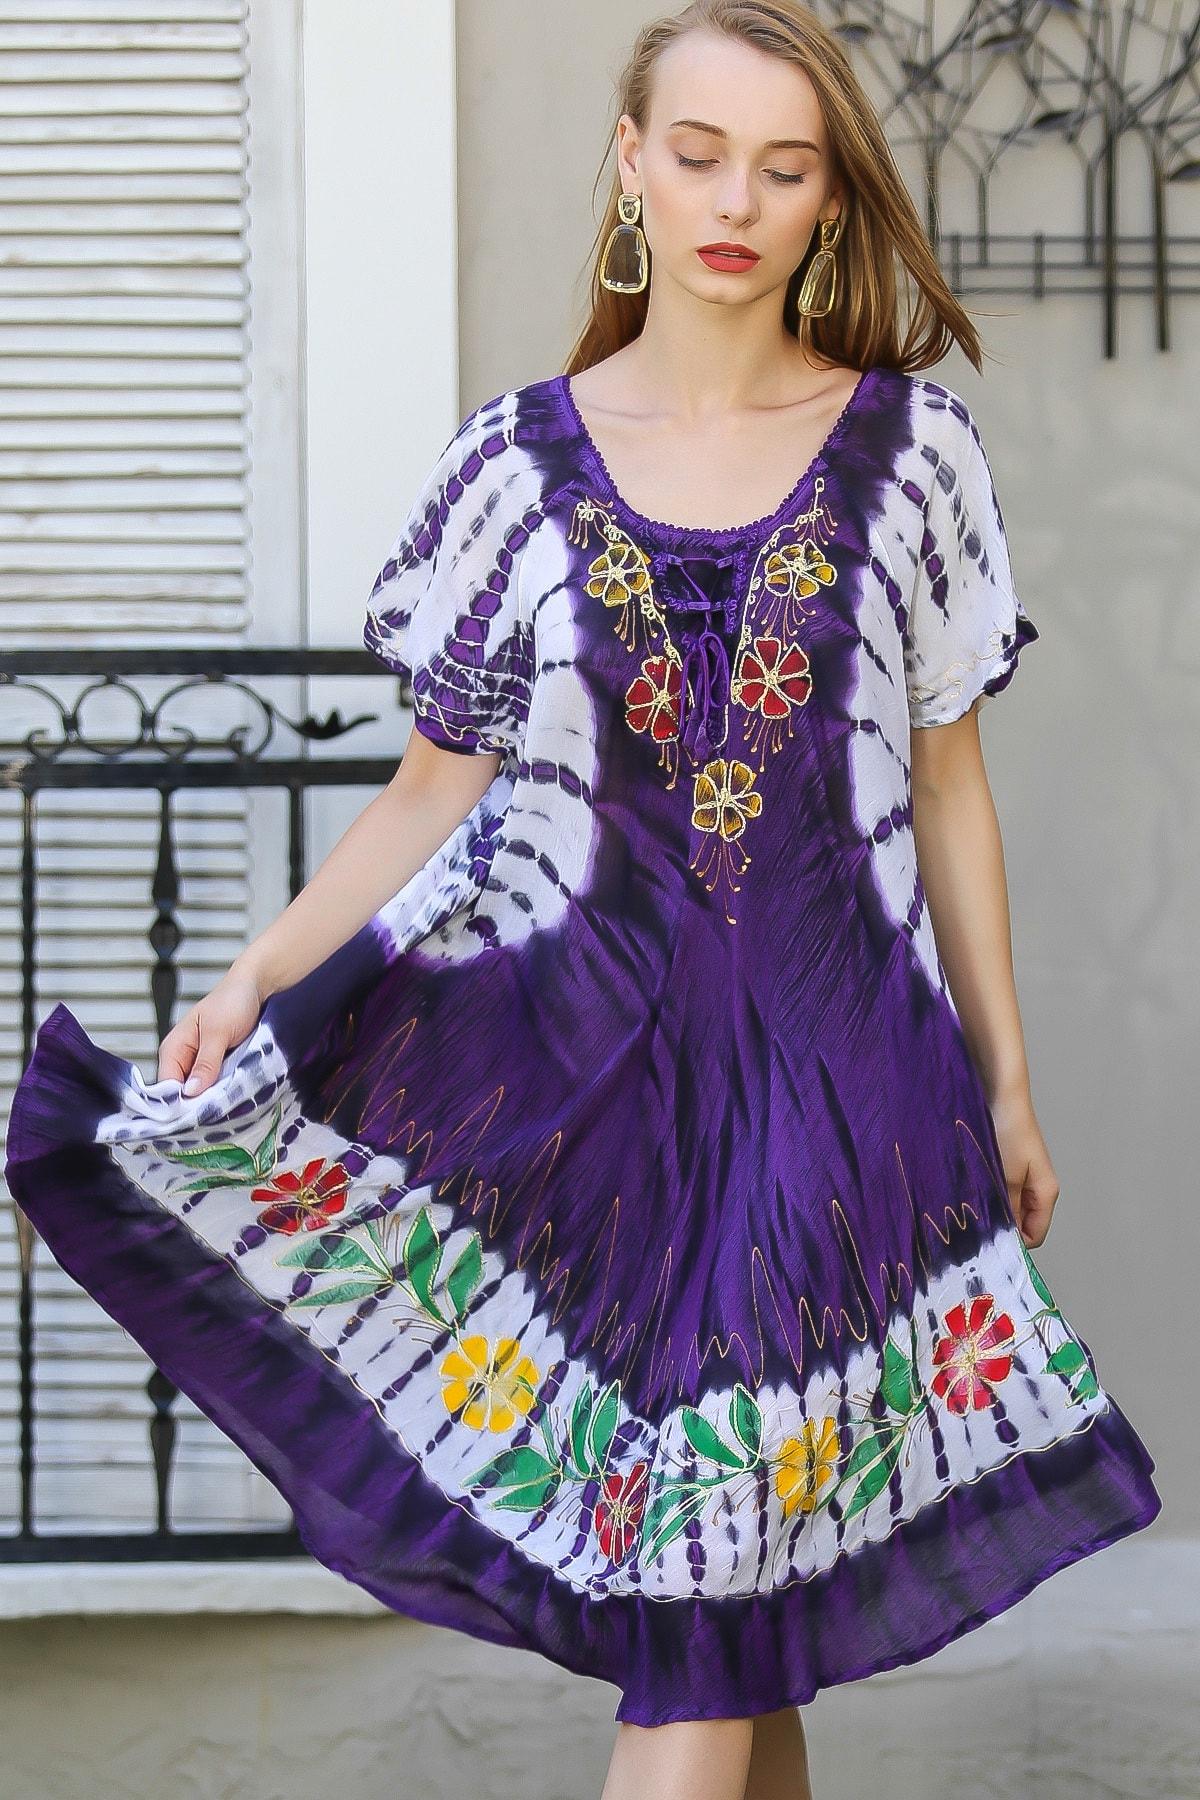 Chiccy Kadın Mor Bohem Batik Desenli Çiçek Nakış Detaylı Elbise M10160000EL96421